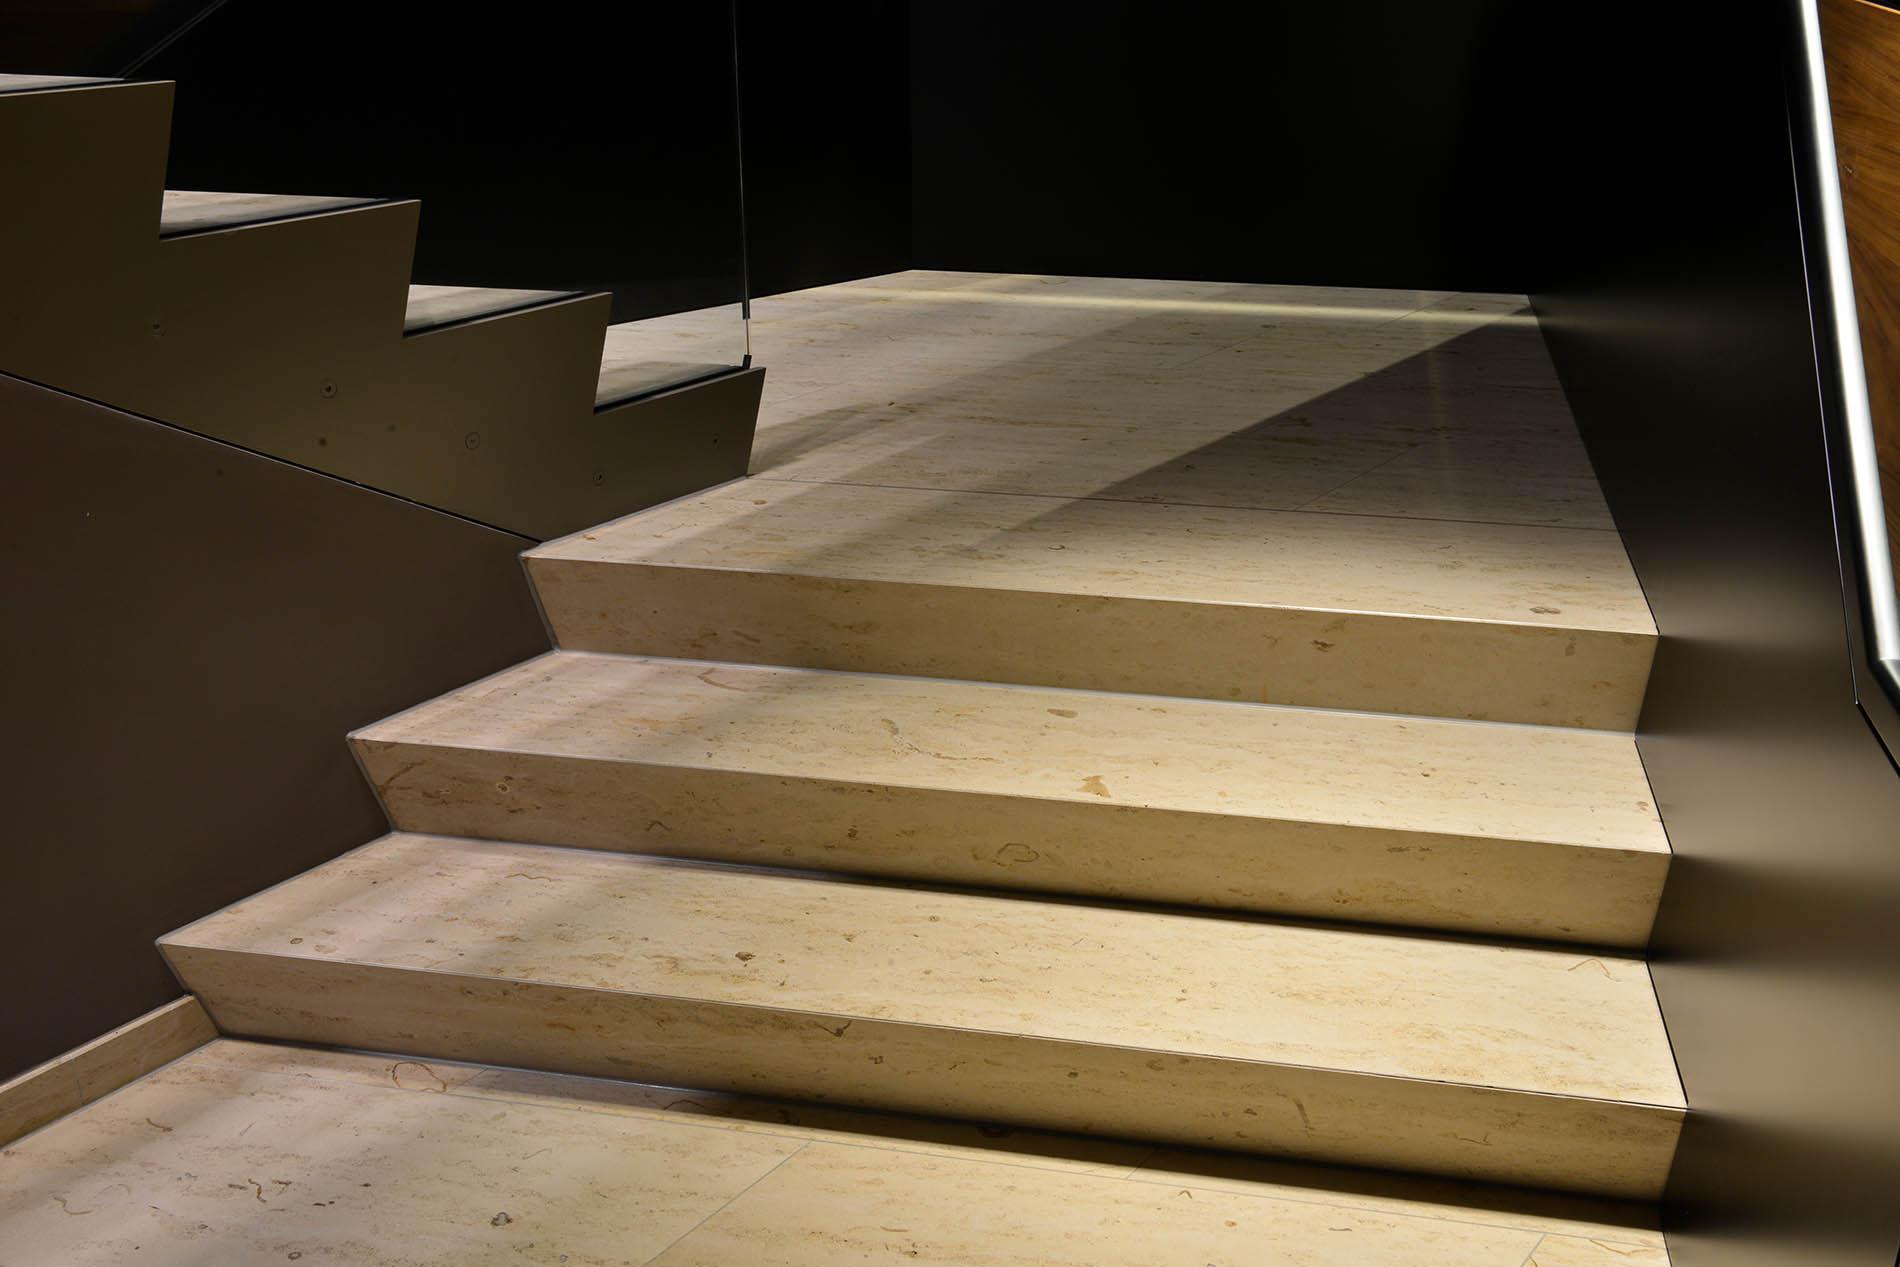 Boden- und Treppenbeläge aus Travertin